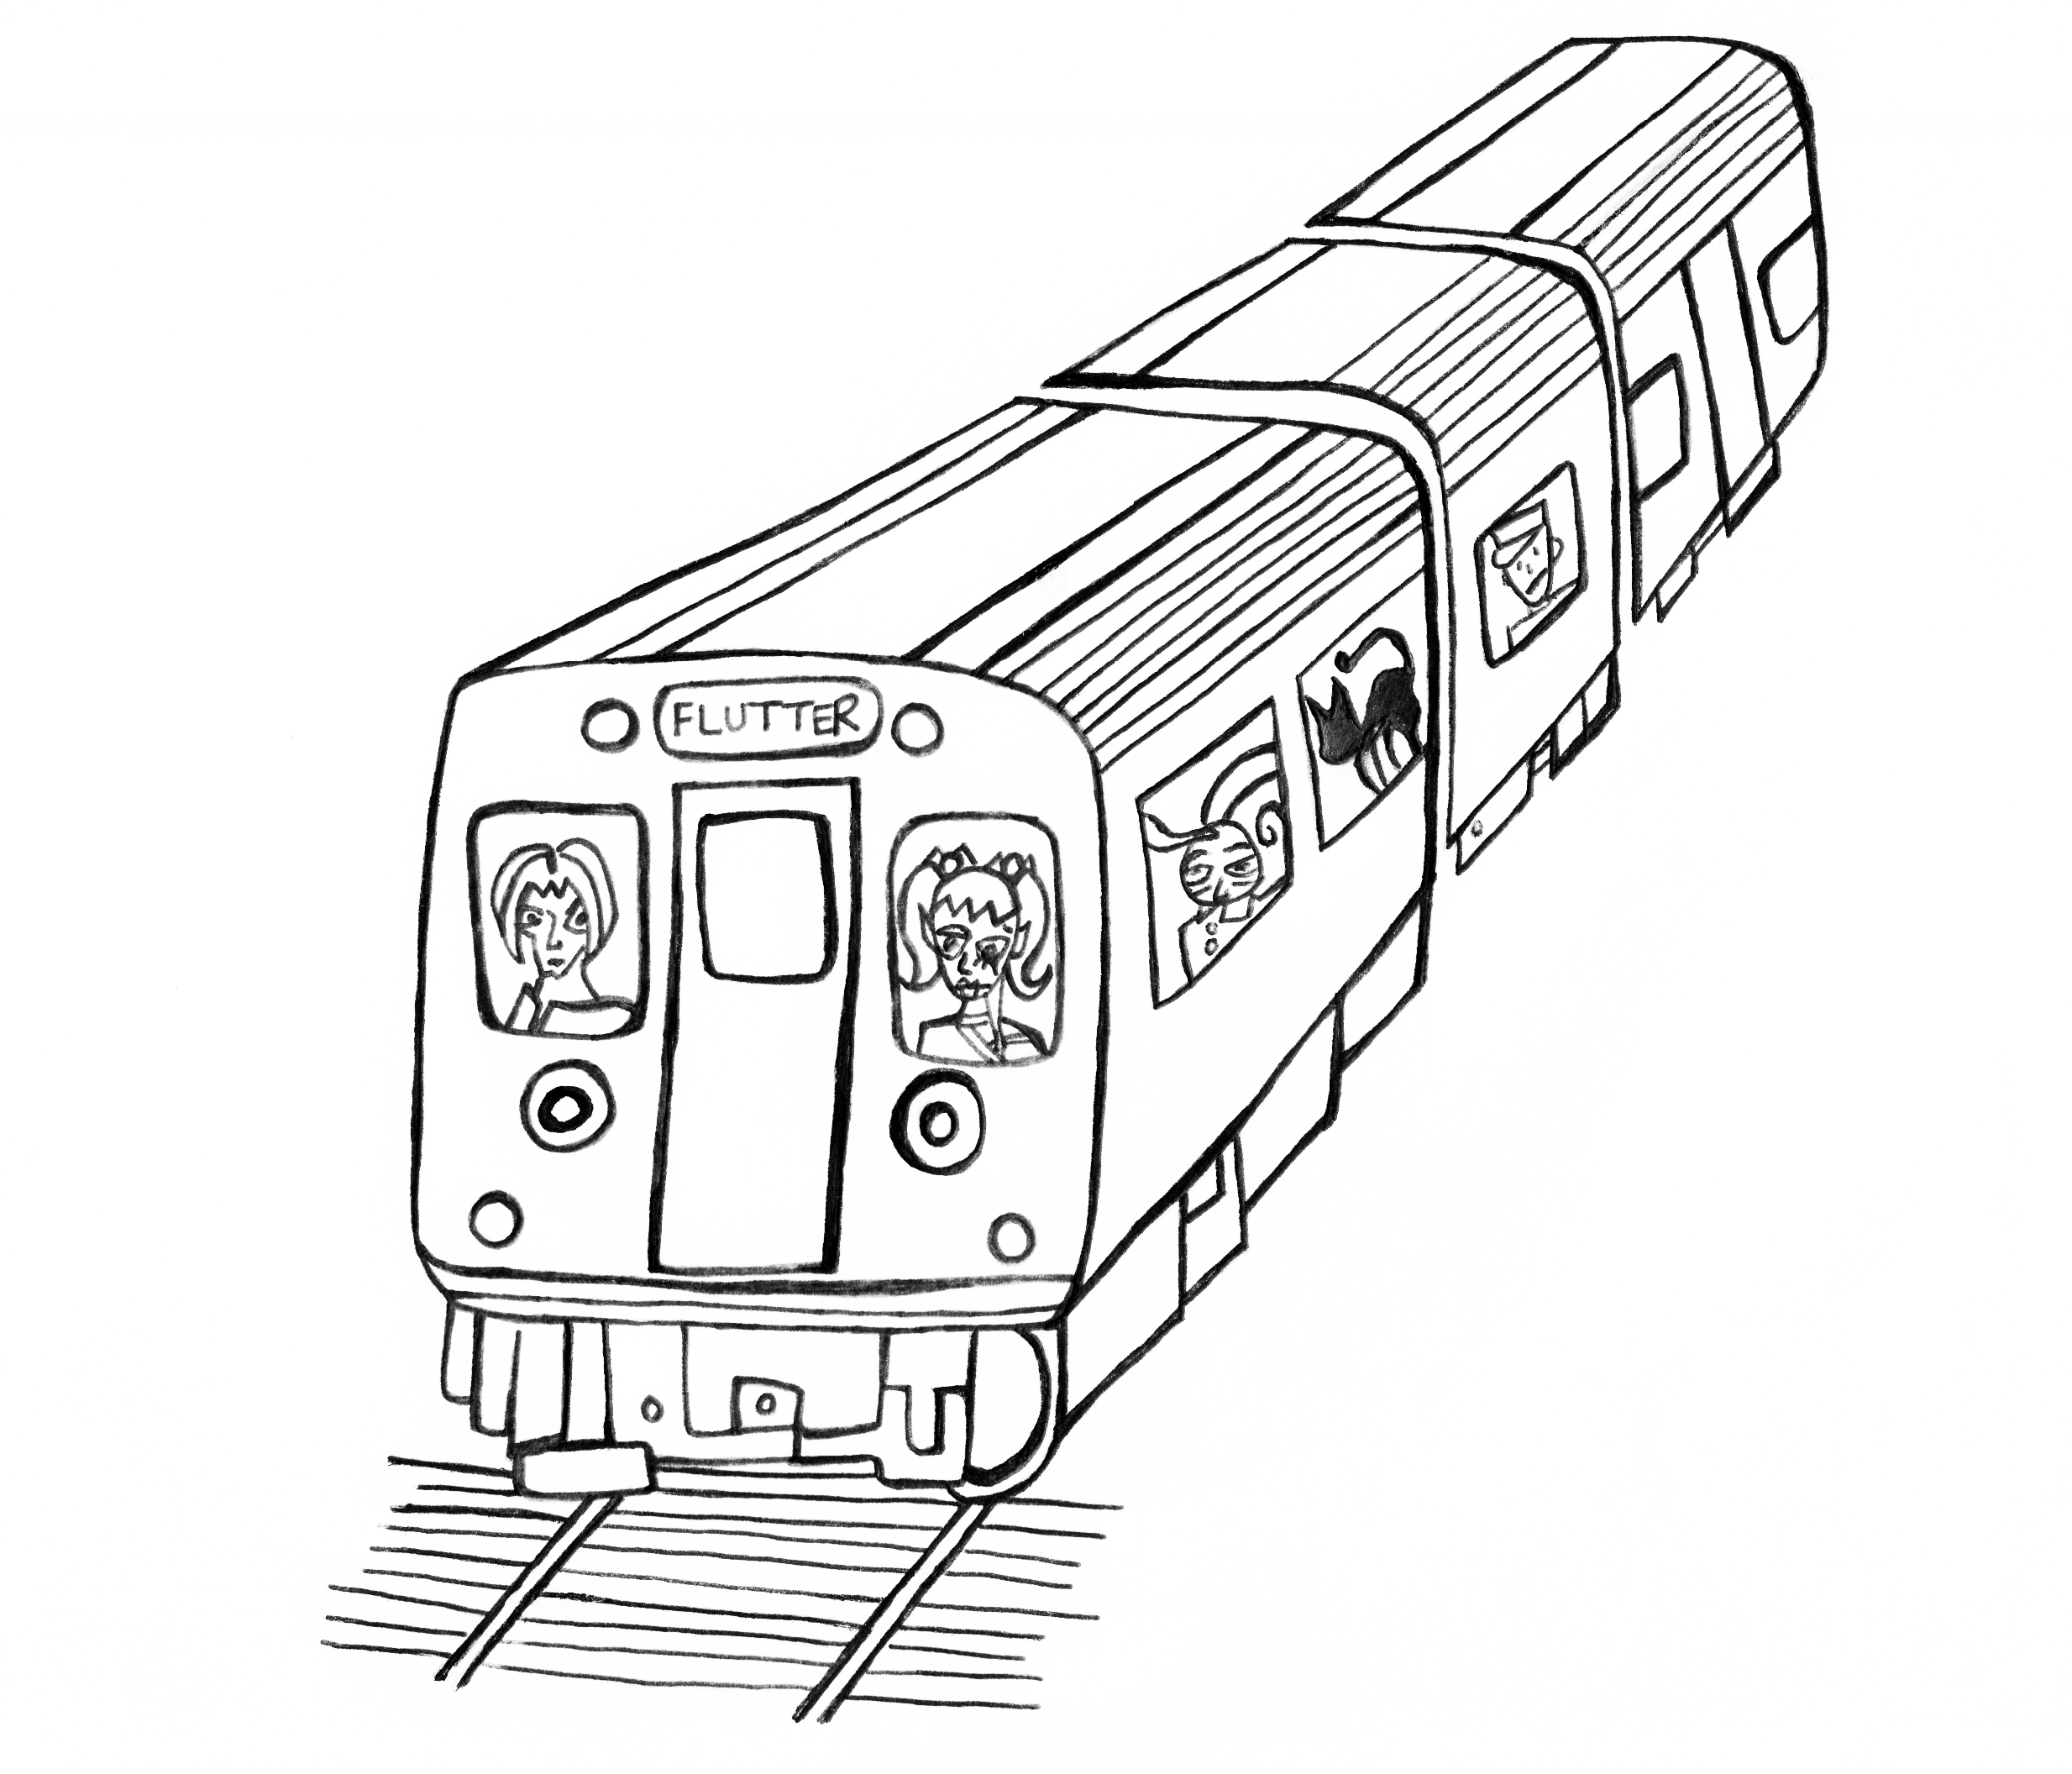 Flutter_train.jpg